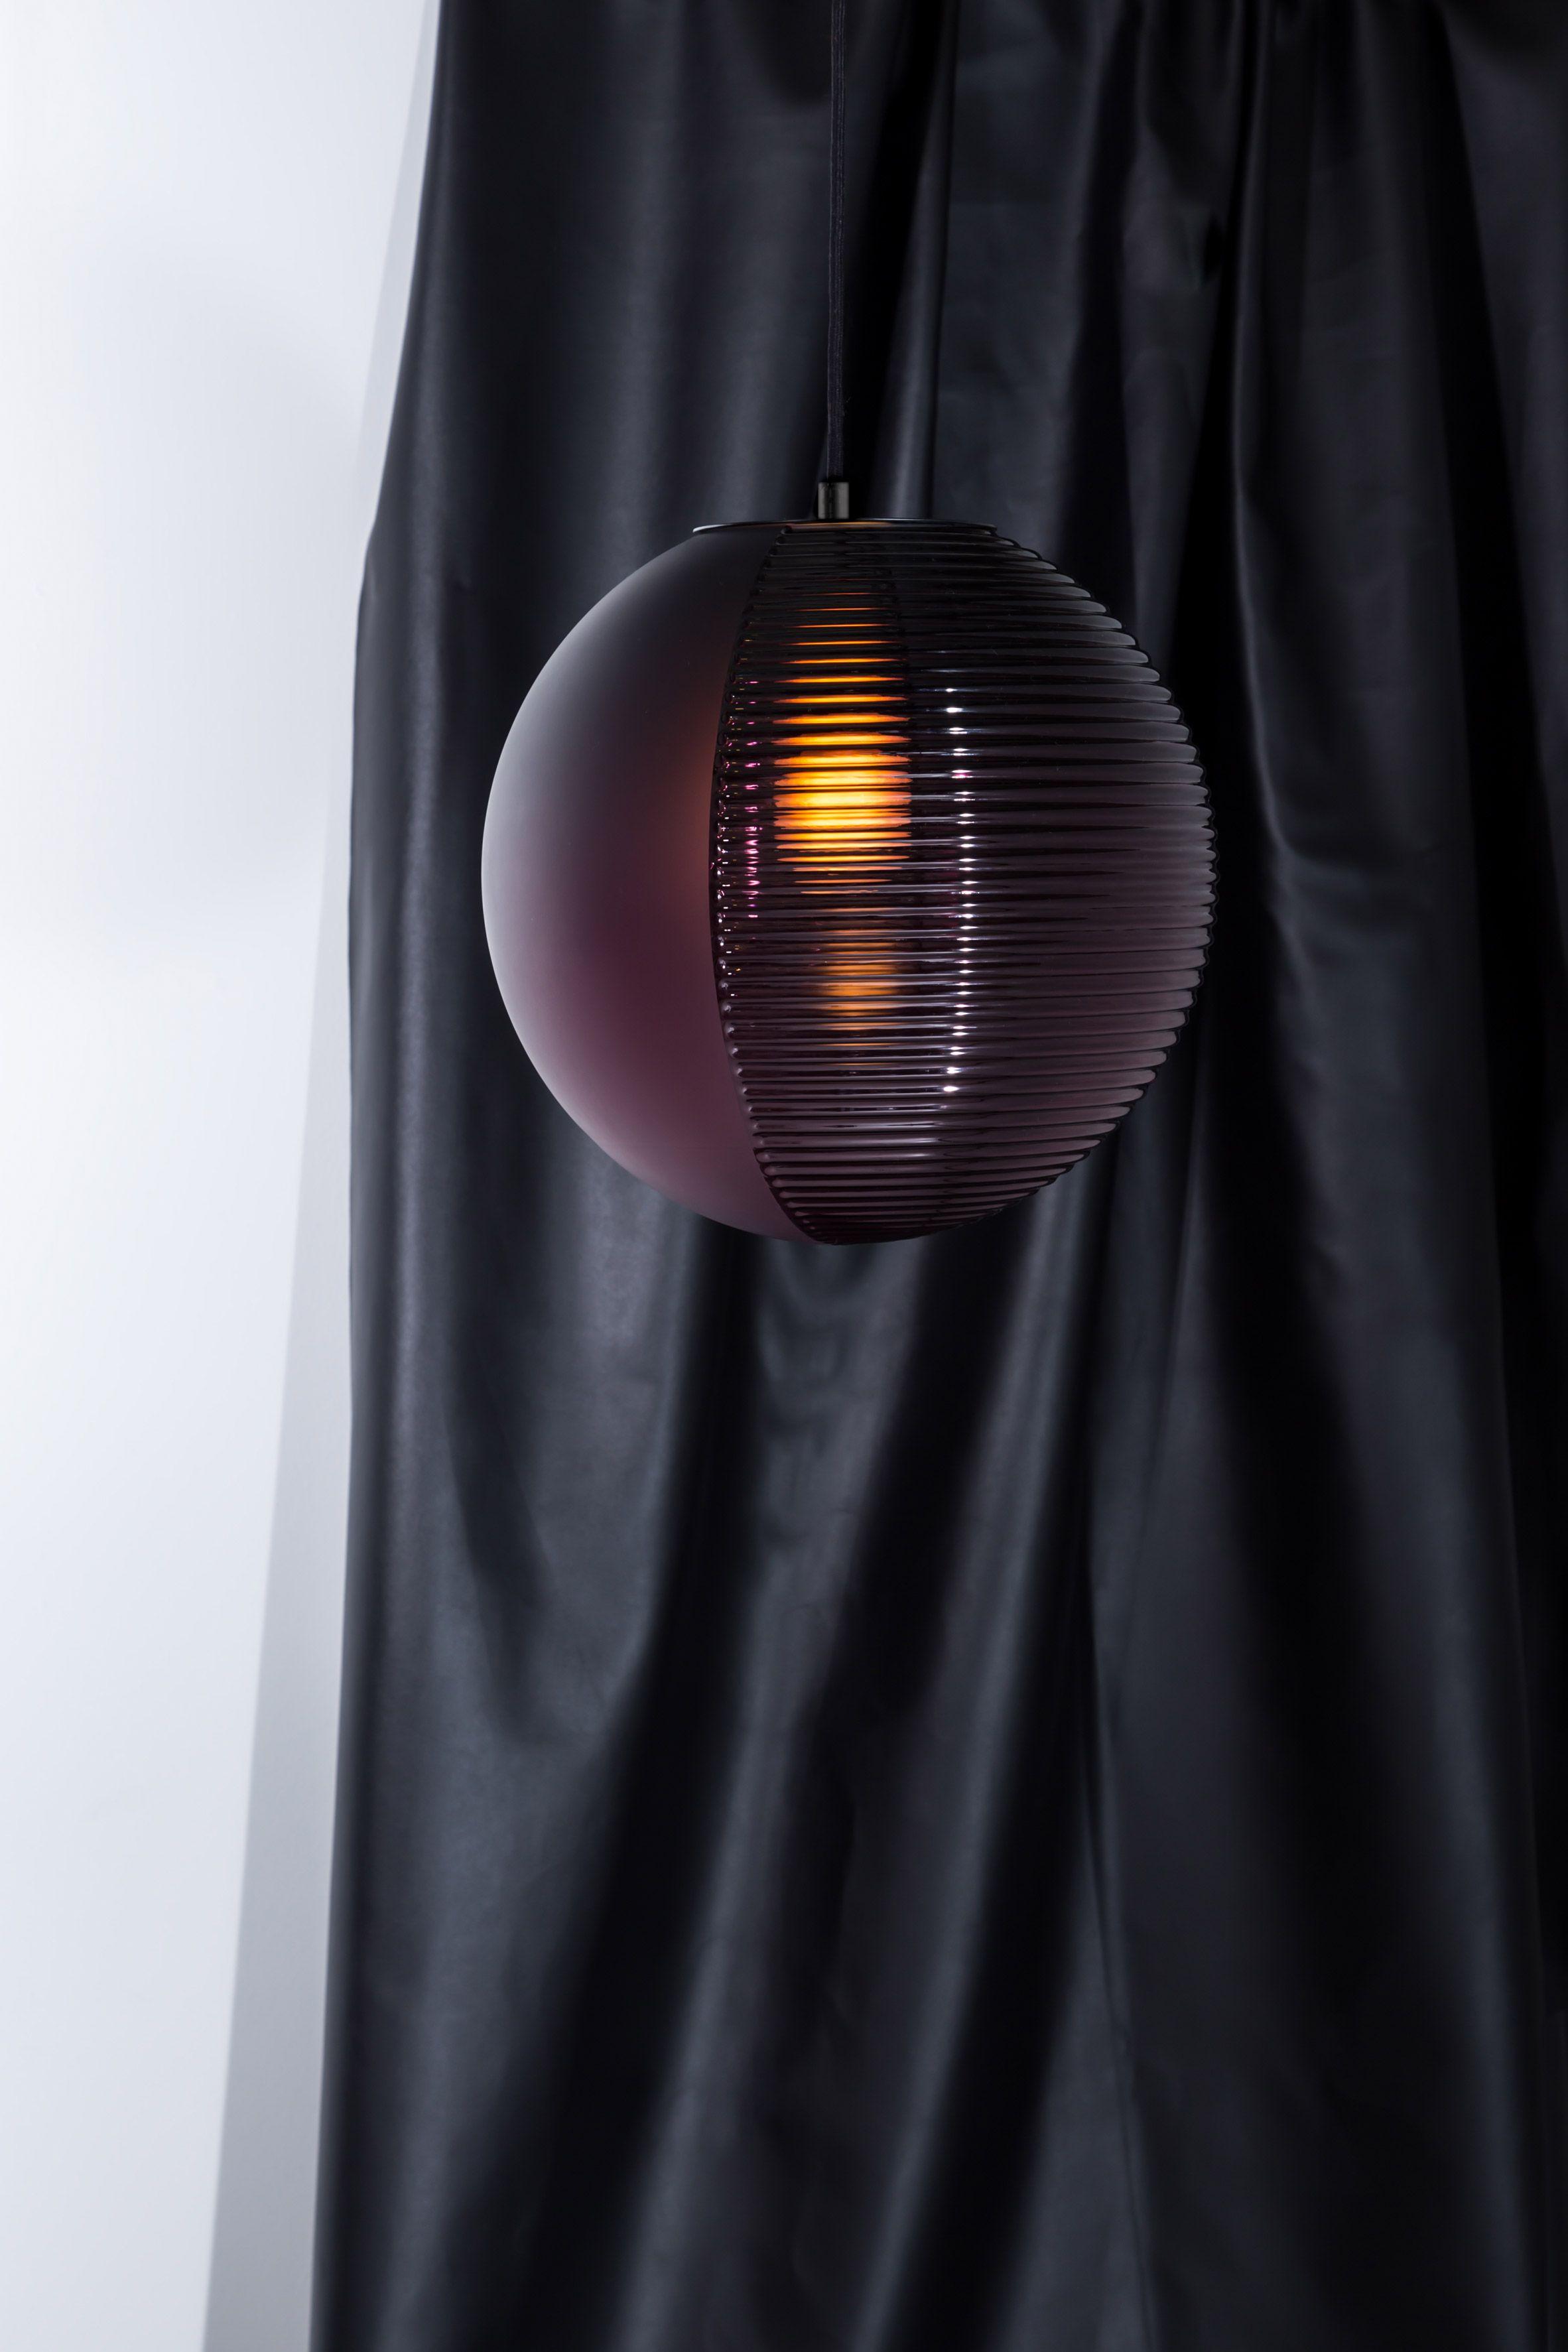 Sebastian Herkner S Stellar Lamps Fuse Two Contrasting Hemispheres Contemporary Furniture Design Lamp Lights